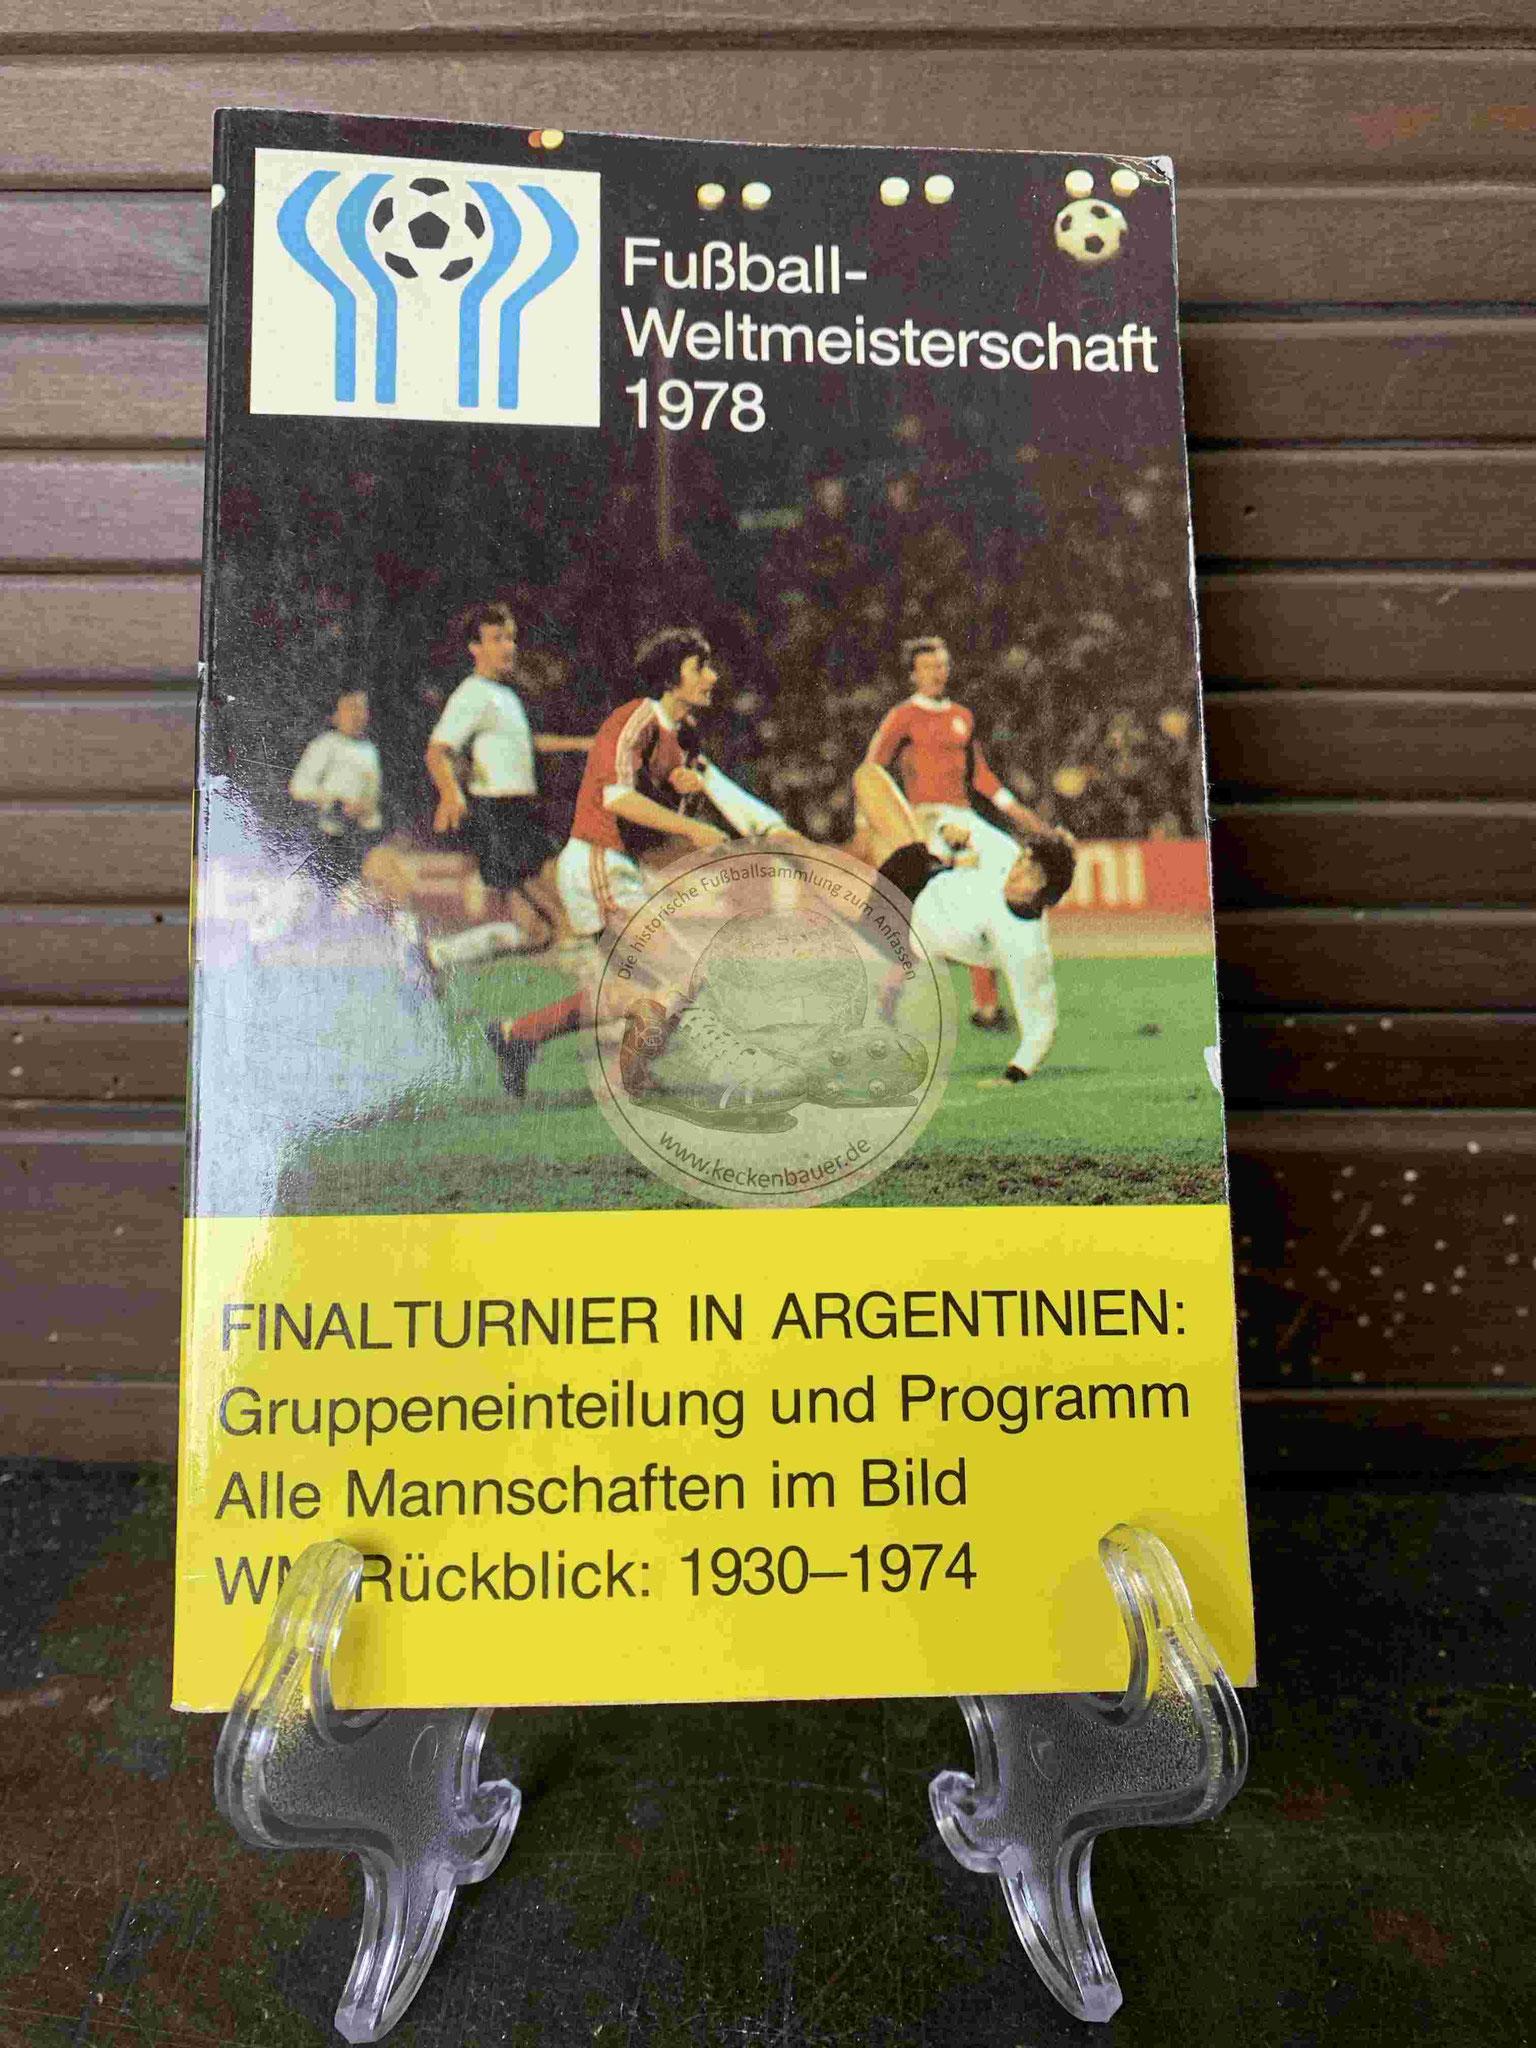 Fußball Weltmeisterschaft 1978 Finalturnier in Argentinien